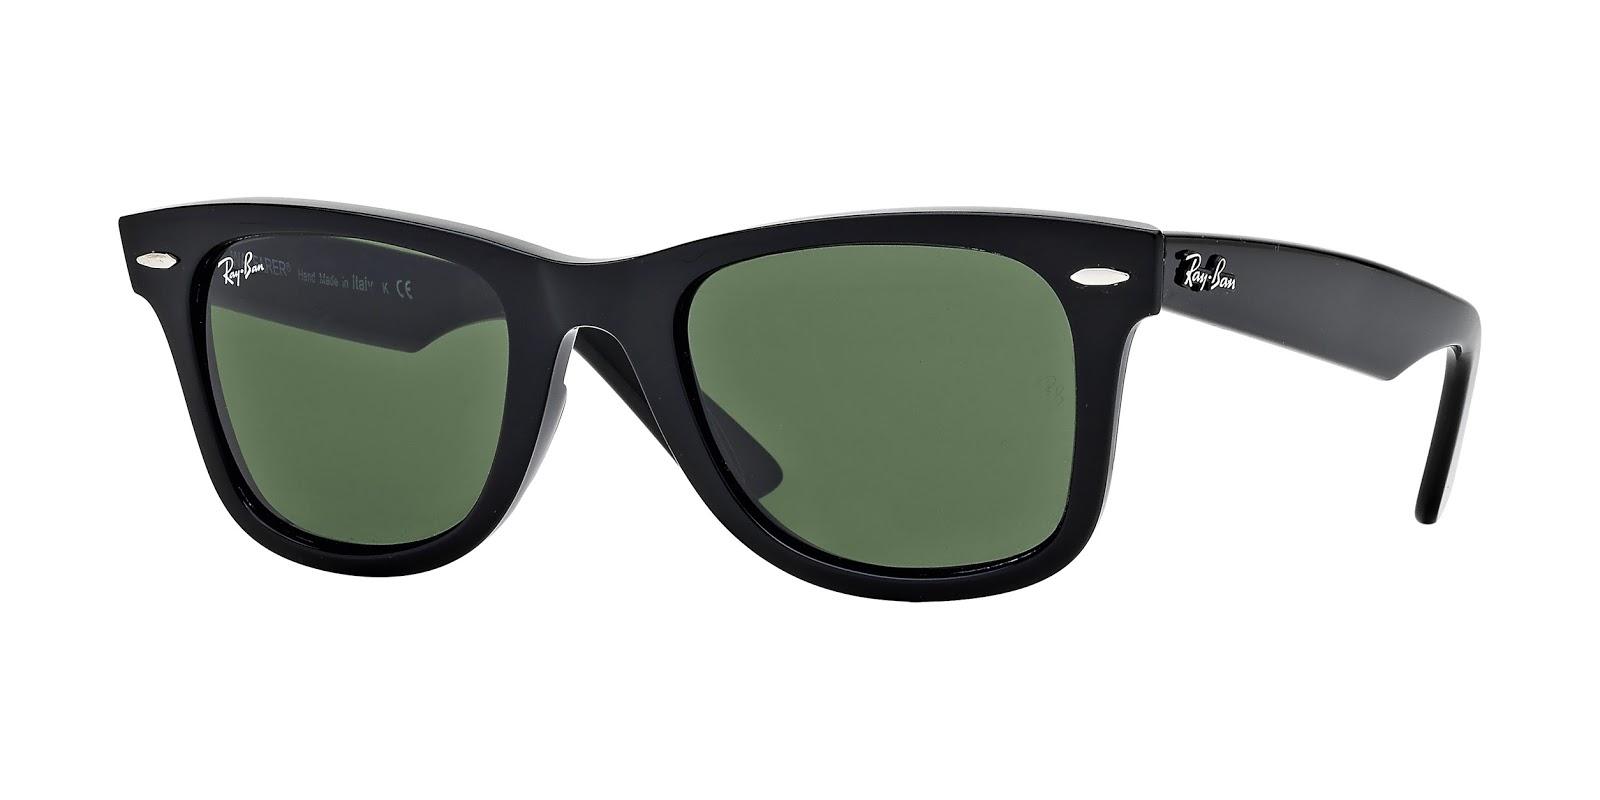 Entre as opções de óculos de sol Wayfarer estão preto ou branco, com uma  variedade de tratamento de lentes, incluindo o cristal verde, cristal  cinzento ... 245121c8e8